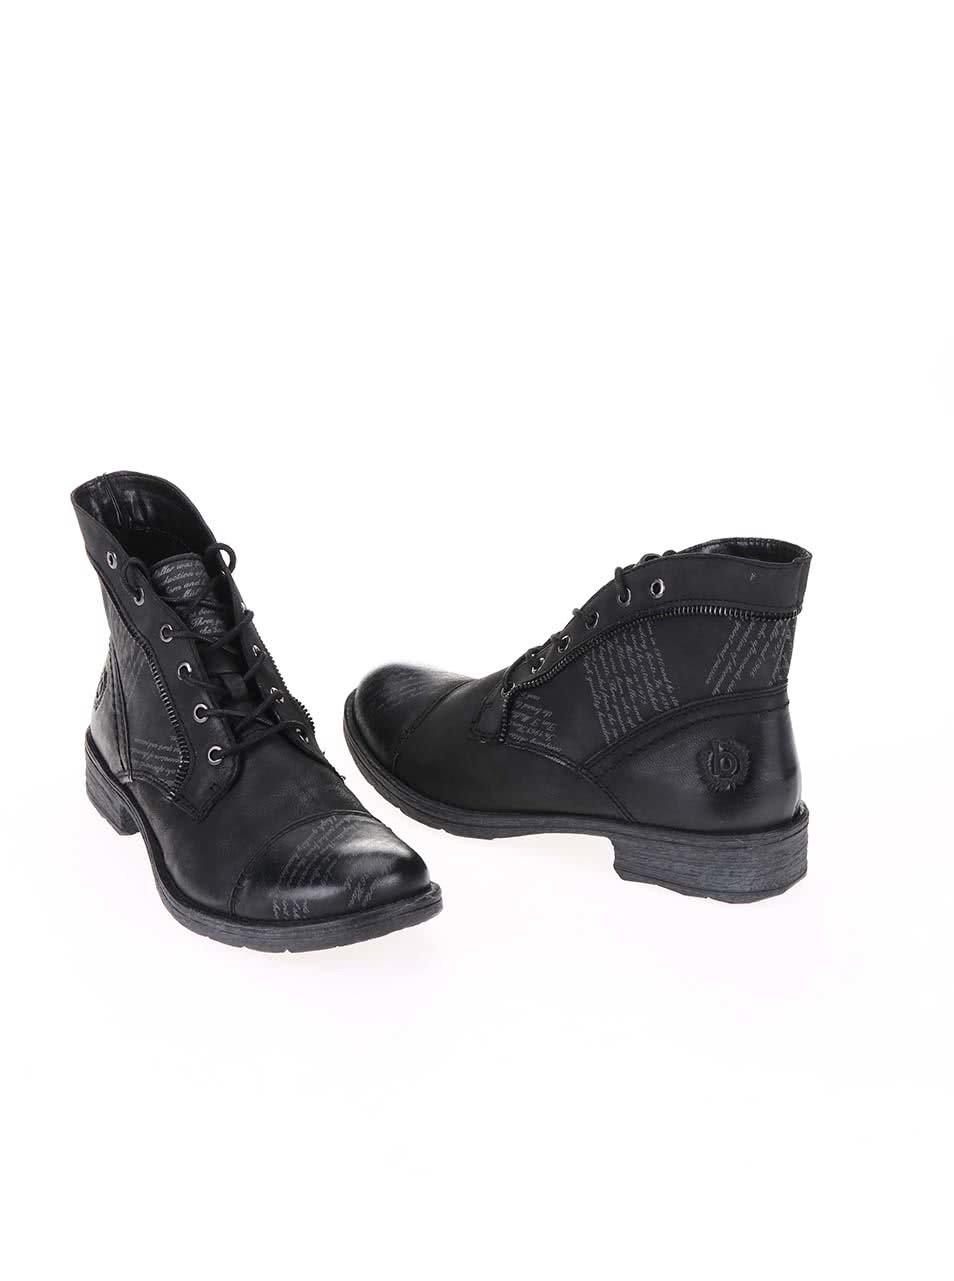 6e294ccff6 Čierne dámske kožené šnurovacie topánky bugatti Kyra ...